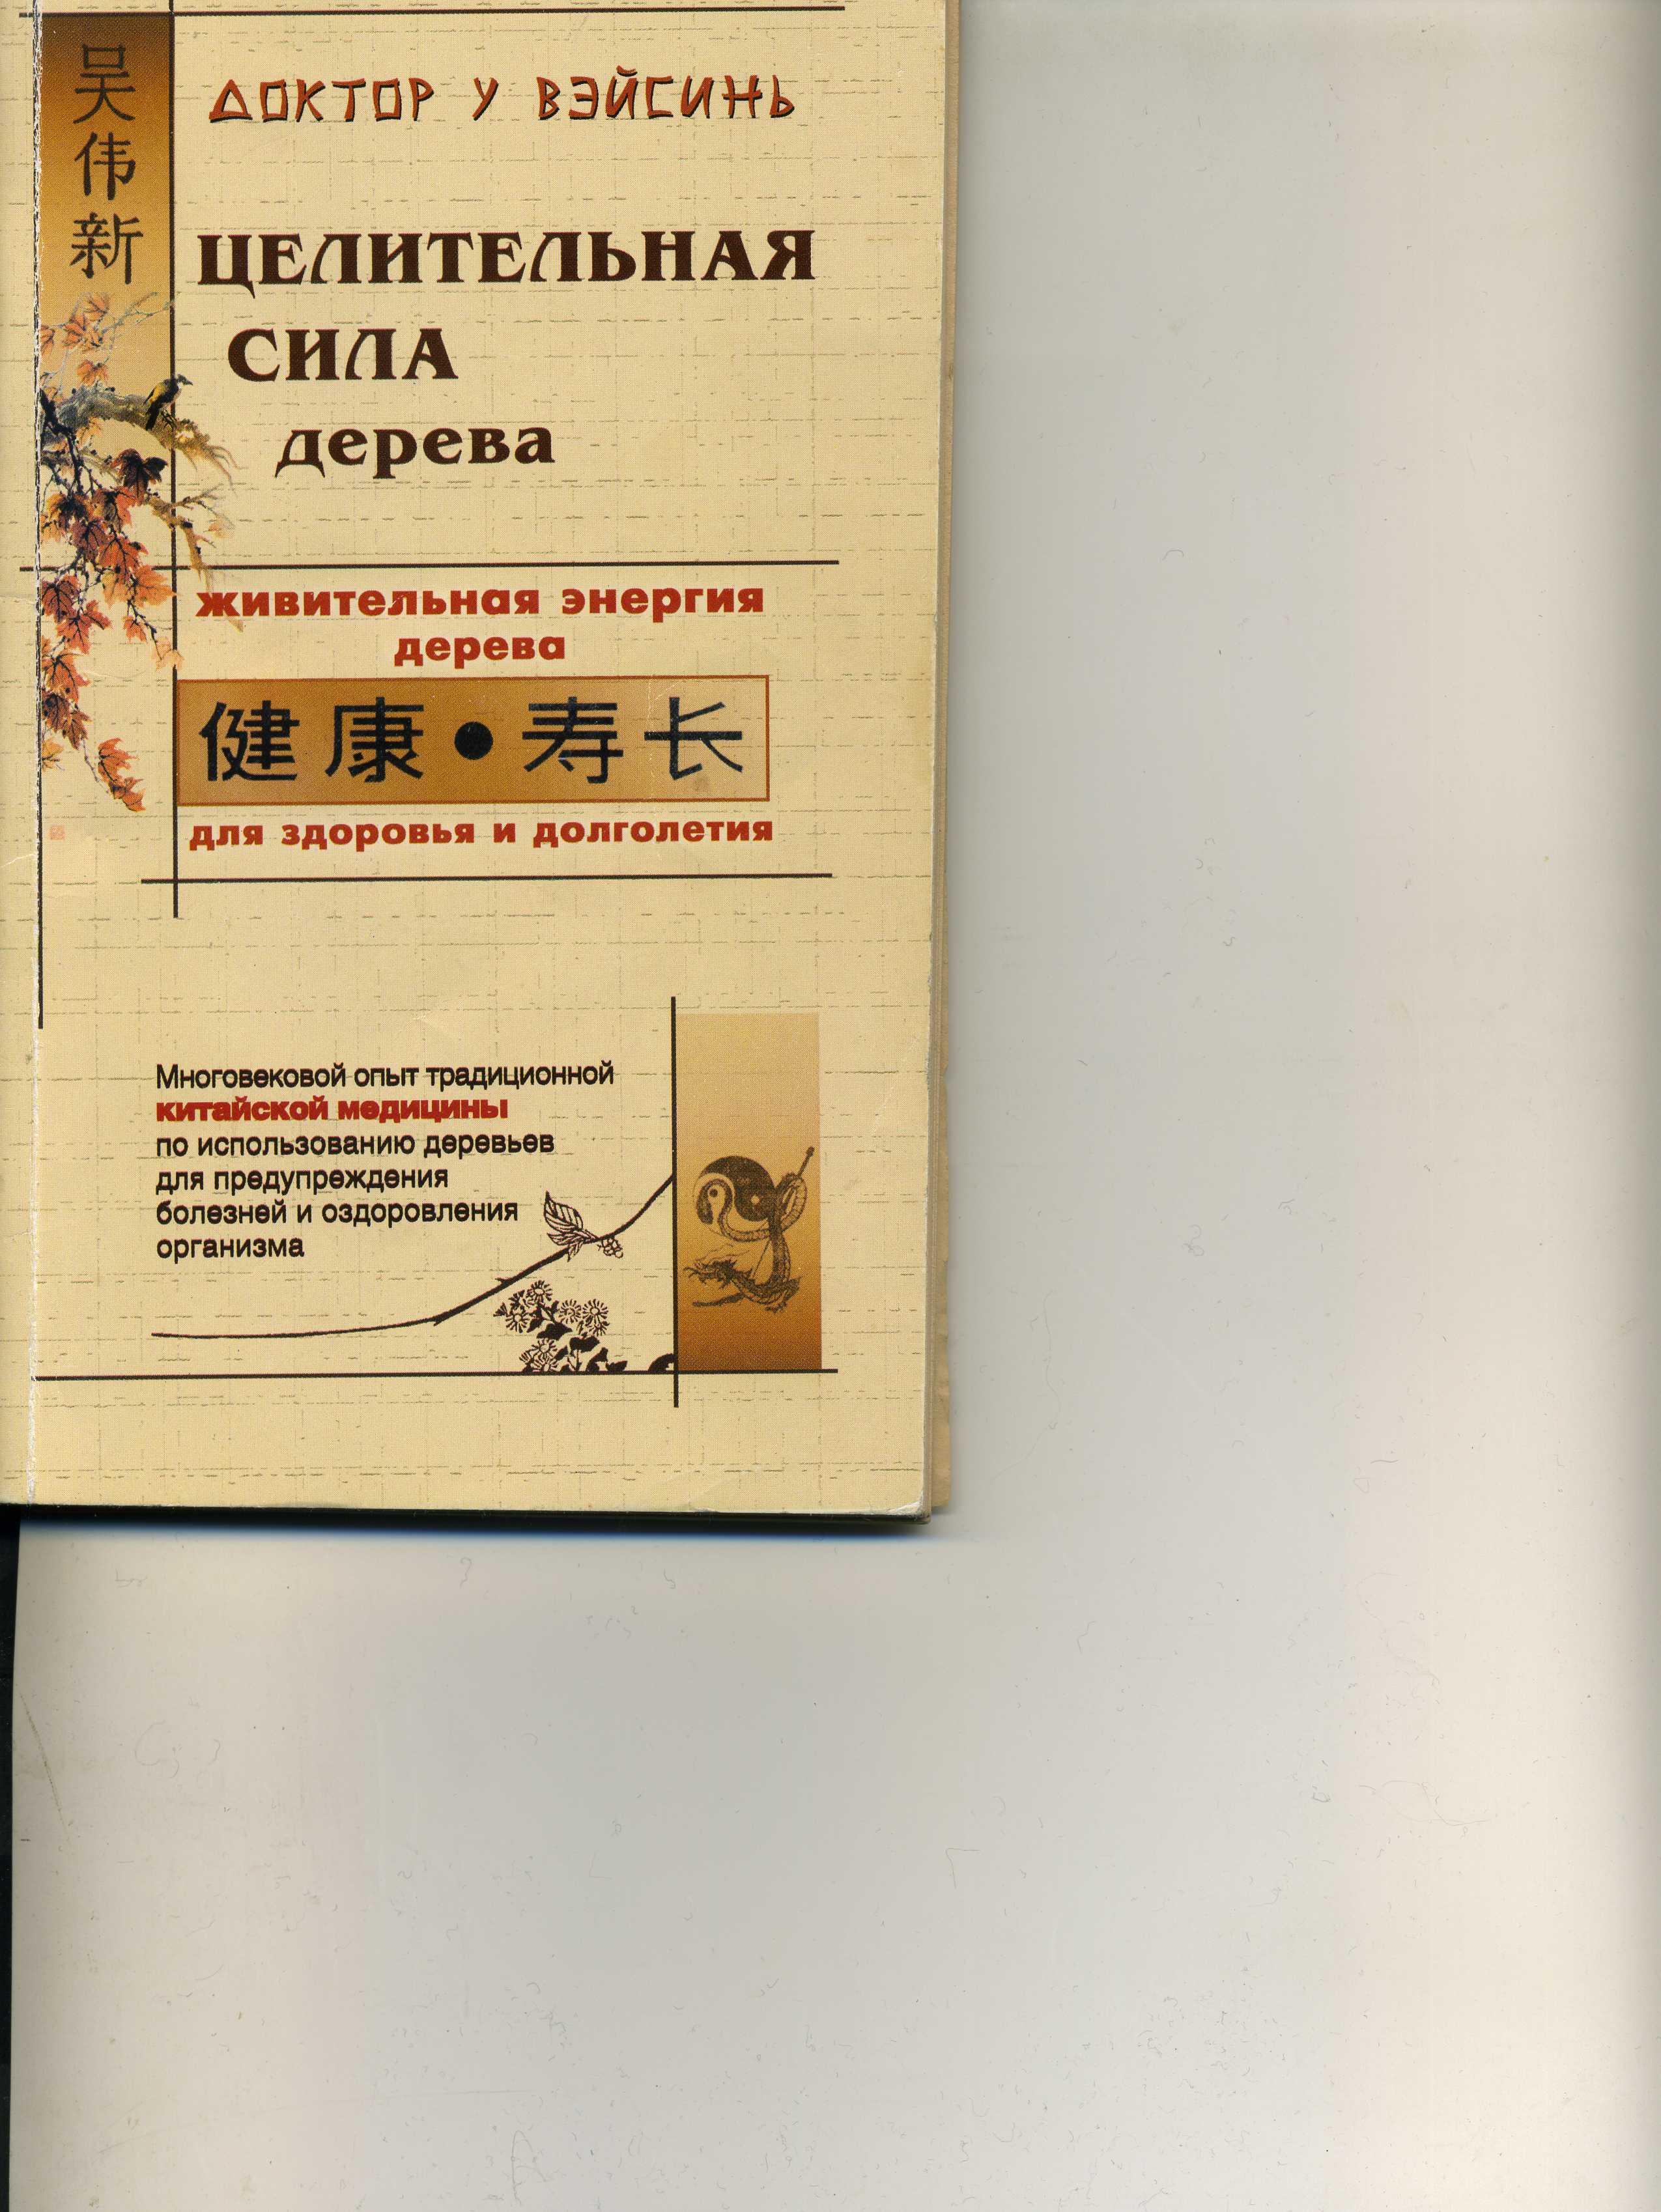 C:\Documents and Settings\123\Мои документы\Мои рисунки\img314.jpg